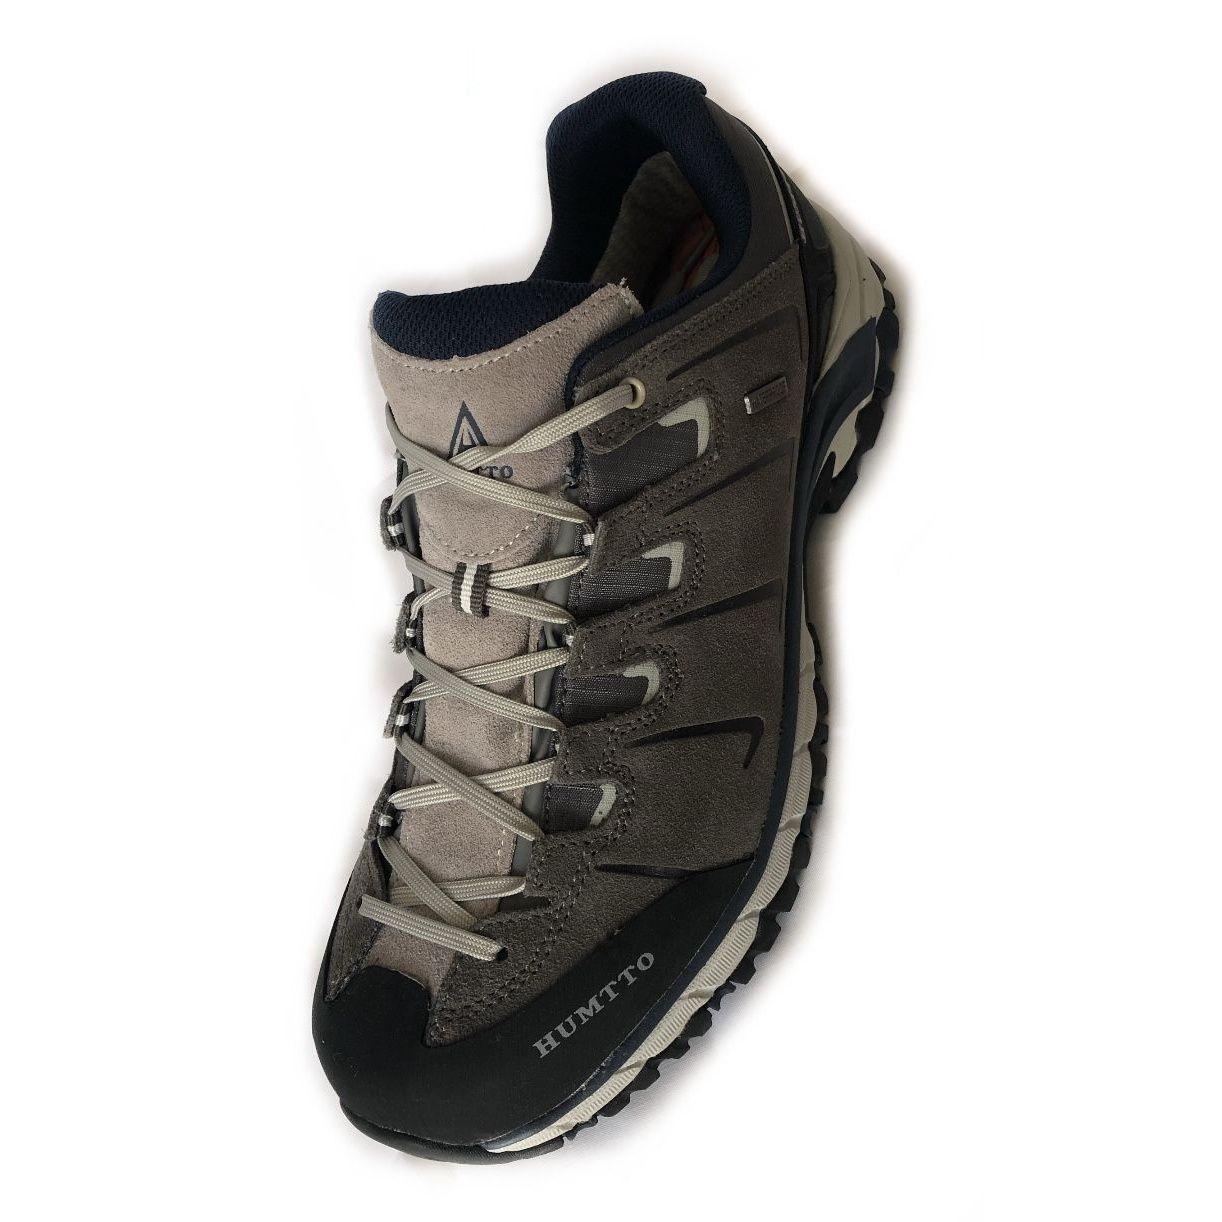 کفش کوهنوردی مردانه هامتو کد D1639-2 main 1 1